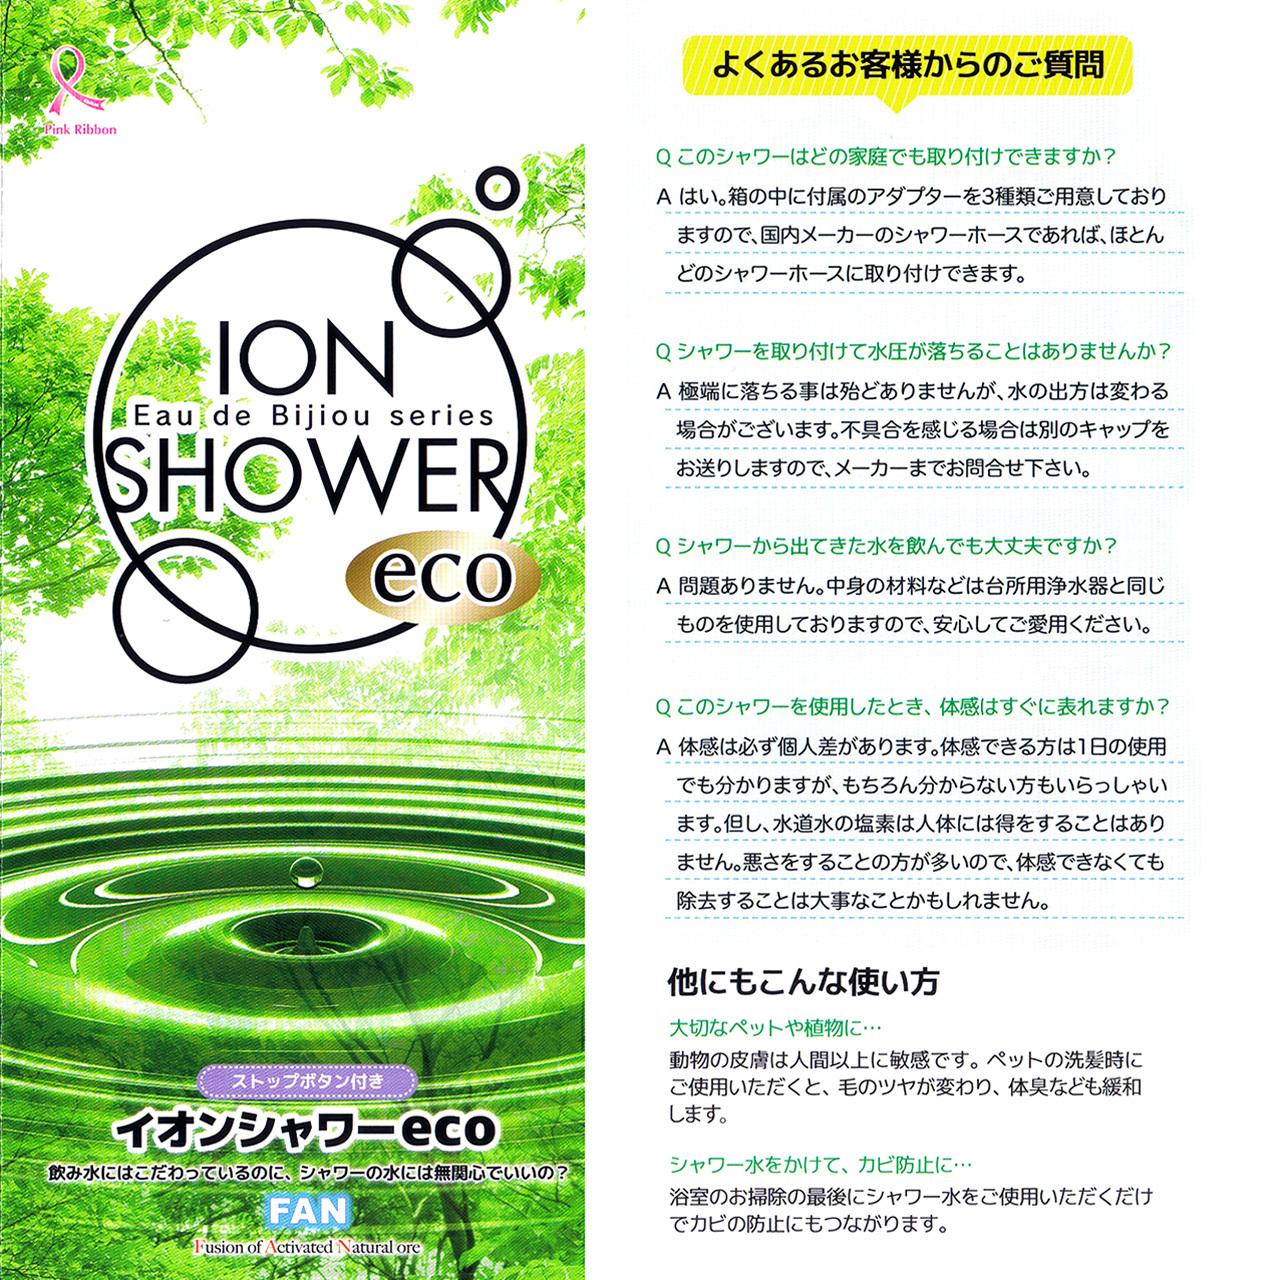 アトピー・乾燥肌・肌荒れ・髪のパサつき改善する|イオンシャワーeco